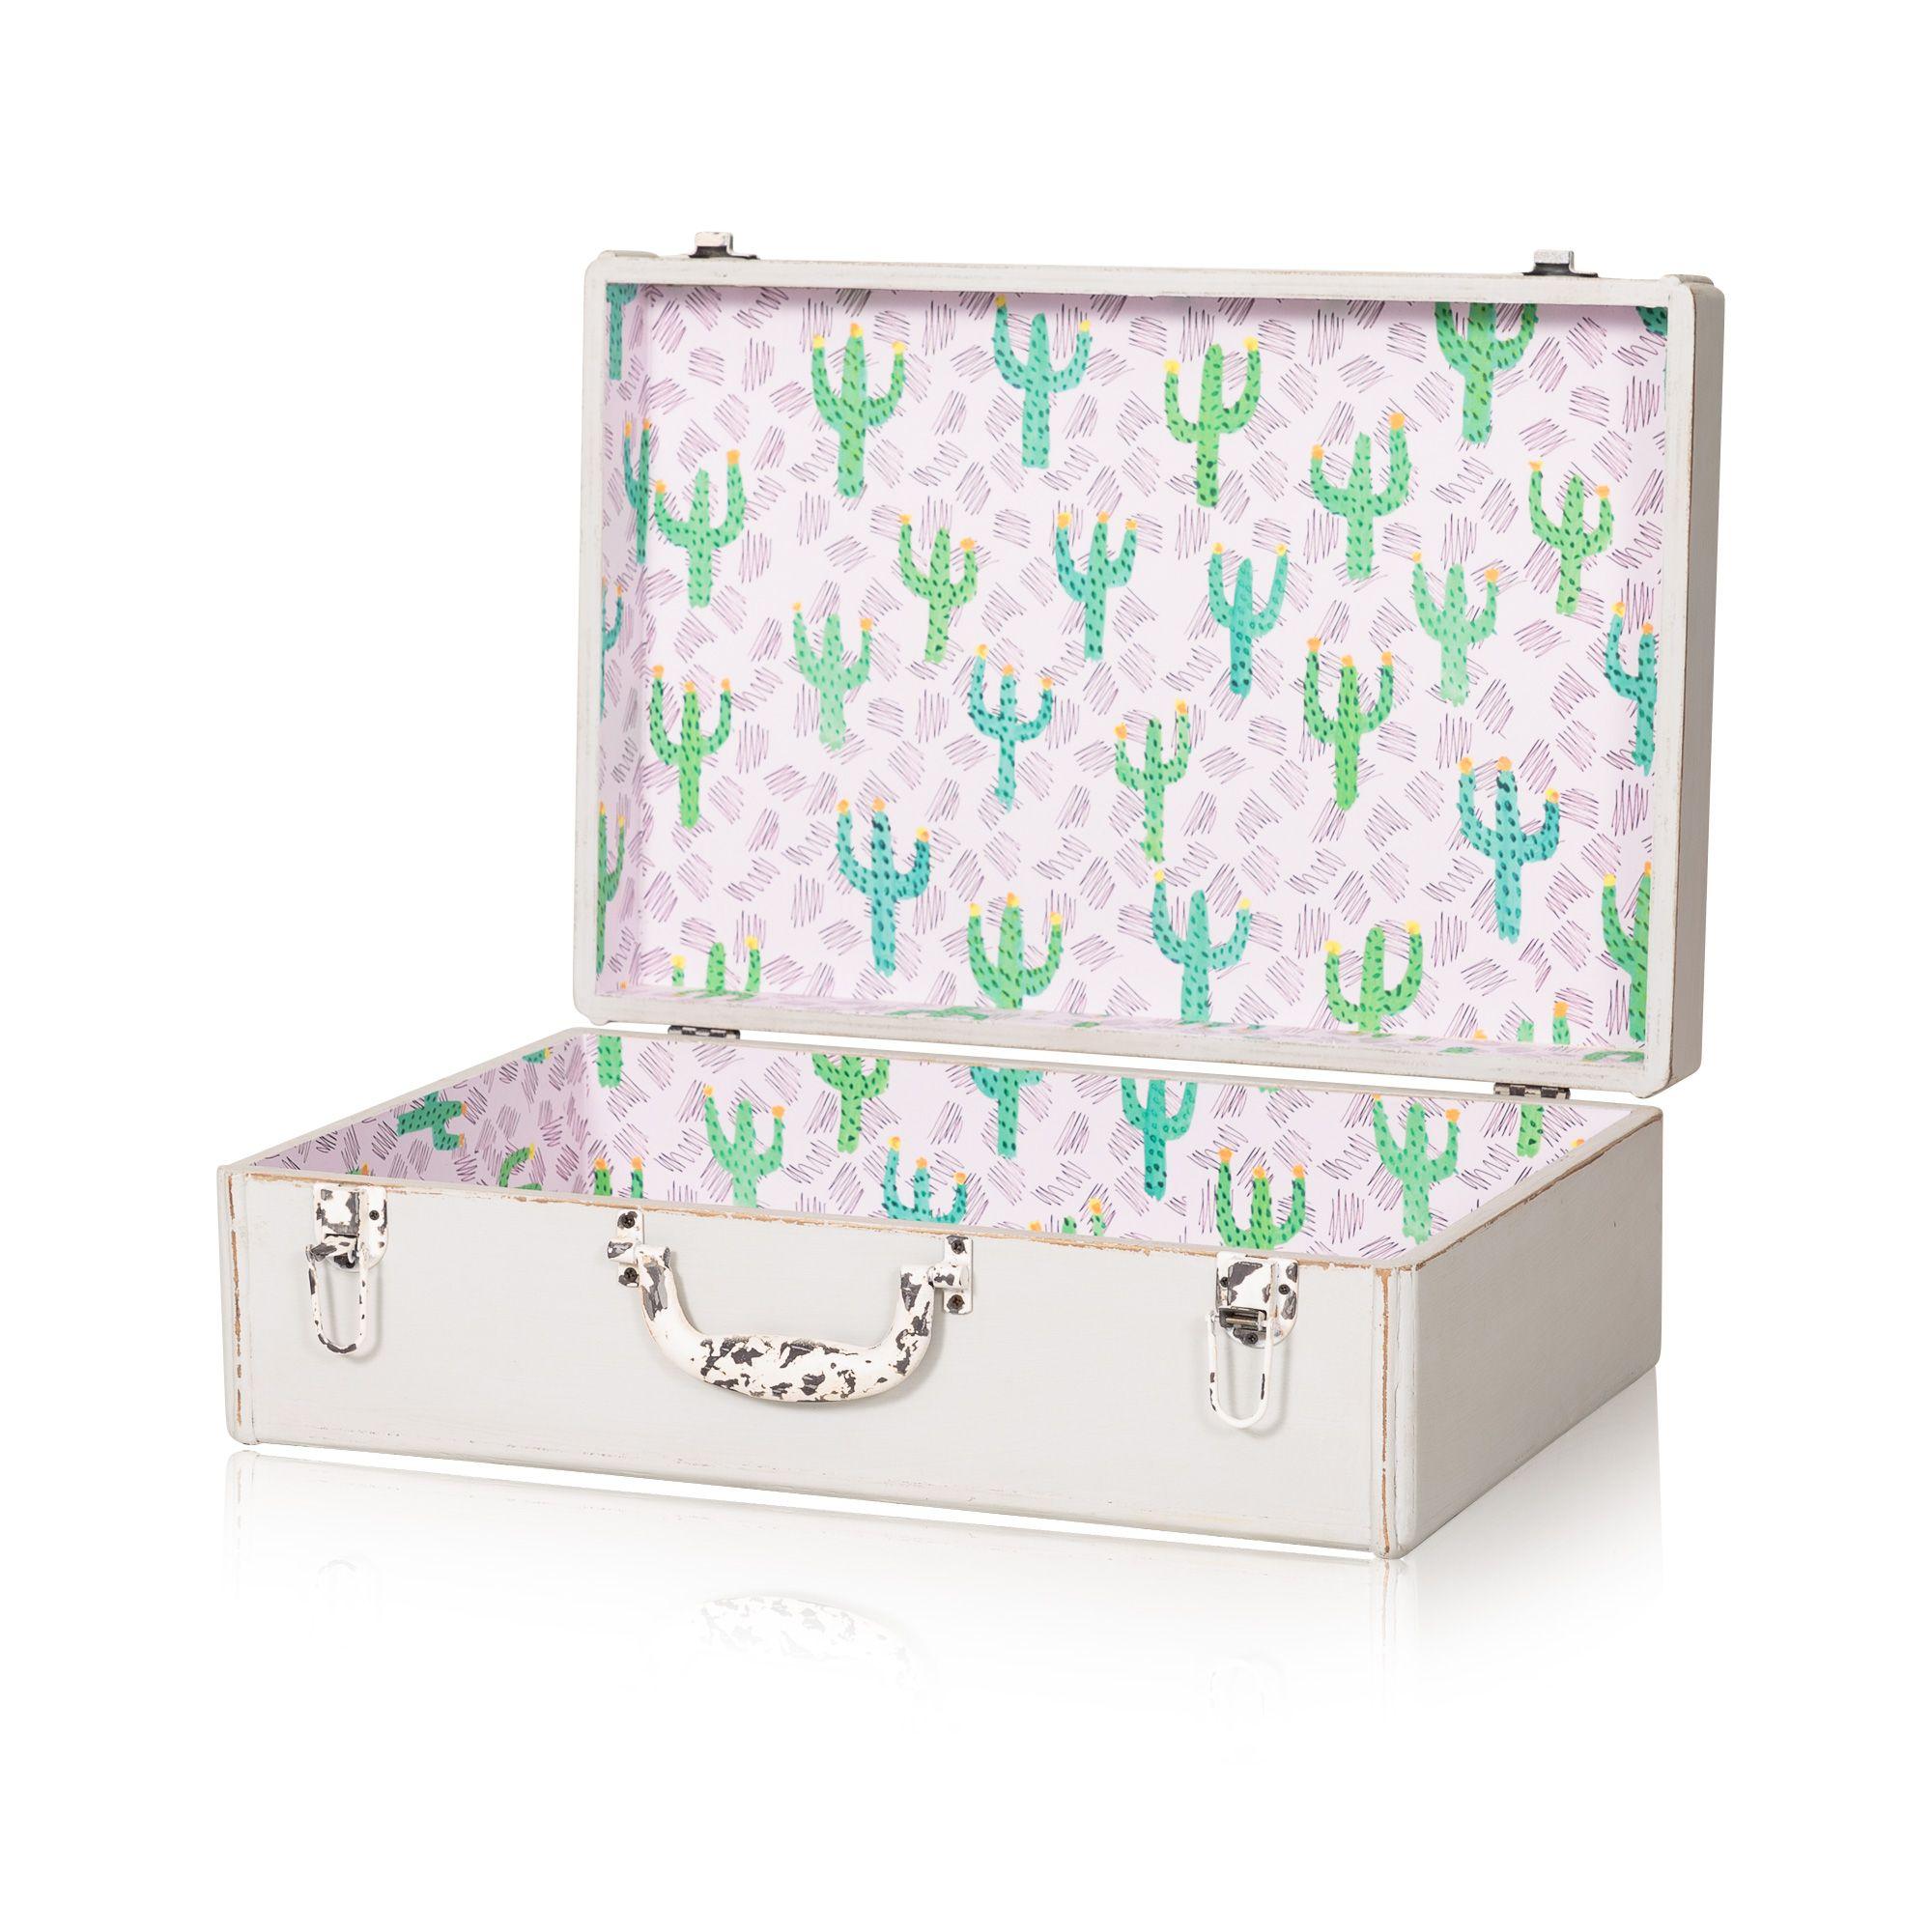 Buy The Medium Loft Decorative Storage Suitcase At Oliver Bonas. Enjoy Free  UK Standard Delivery